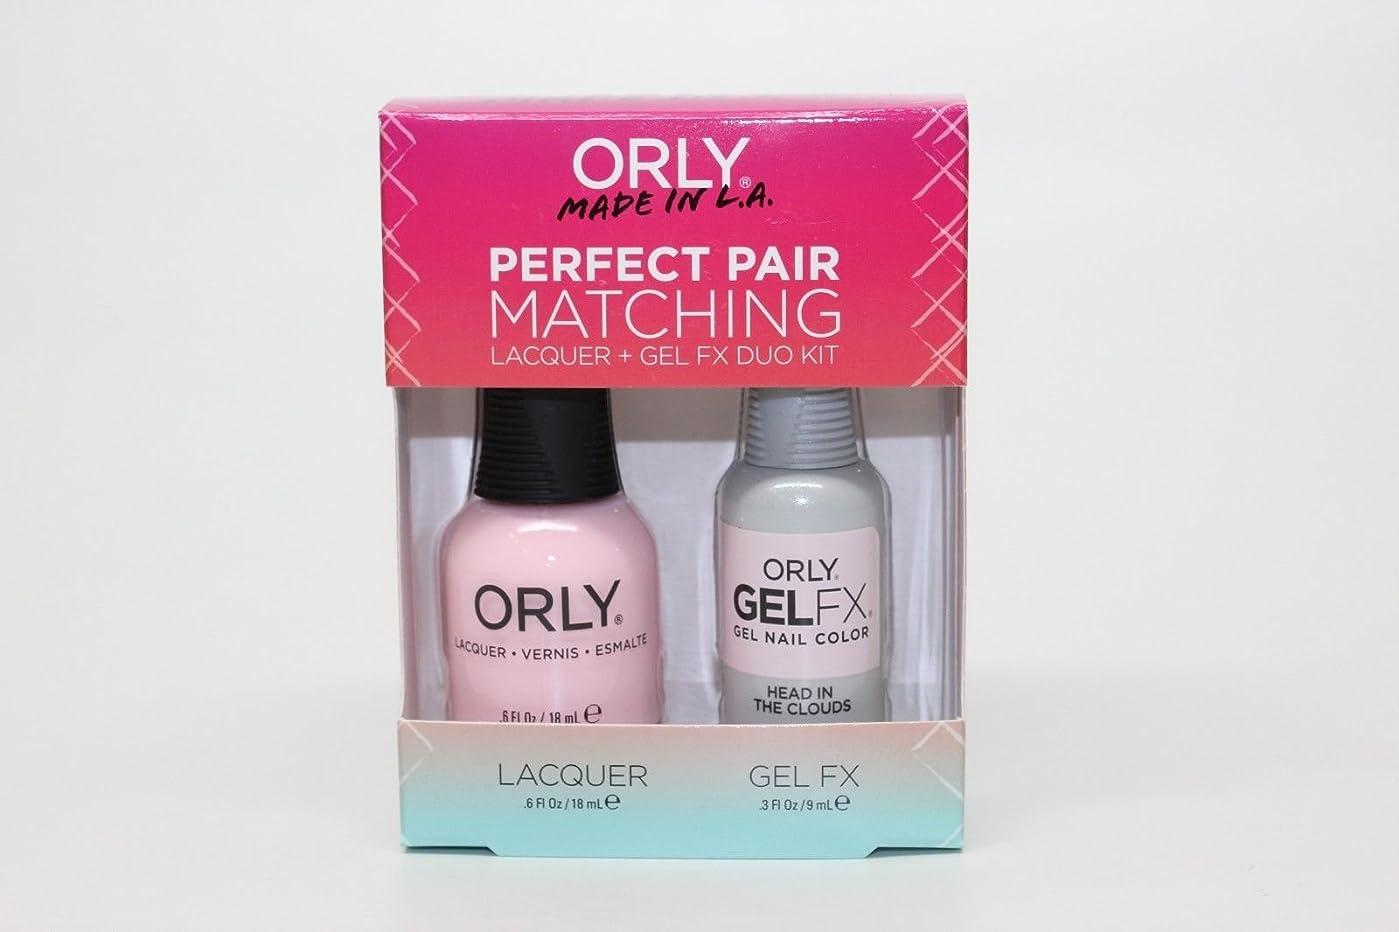 情報ポルティコ有効化Orly - Perfect Pair Matching Lacquer+Gel FX Kit - Head In The Clouds - 0.6 oz / 0.3 oz